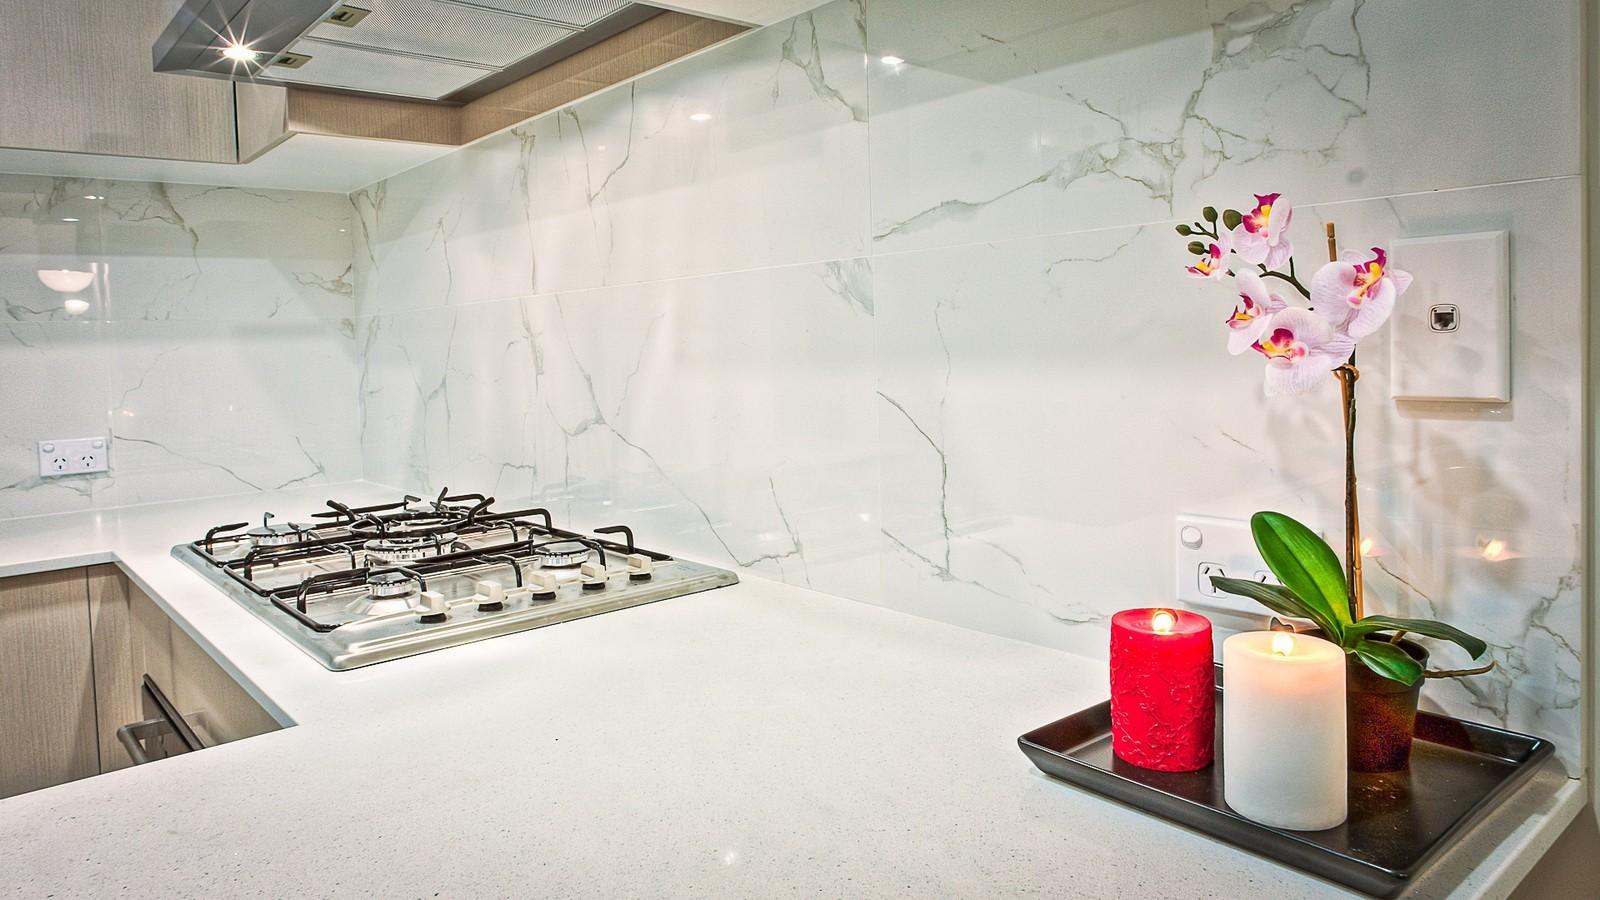 Как да поддържаме газовата печка в добро състояние